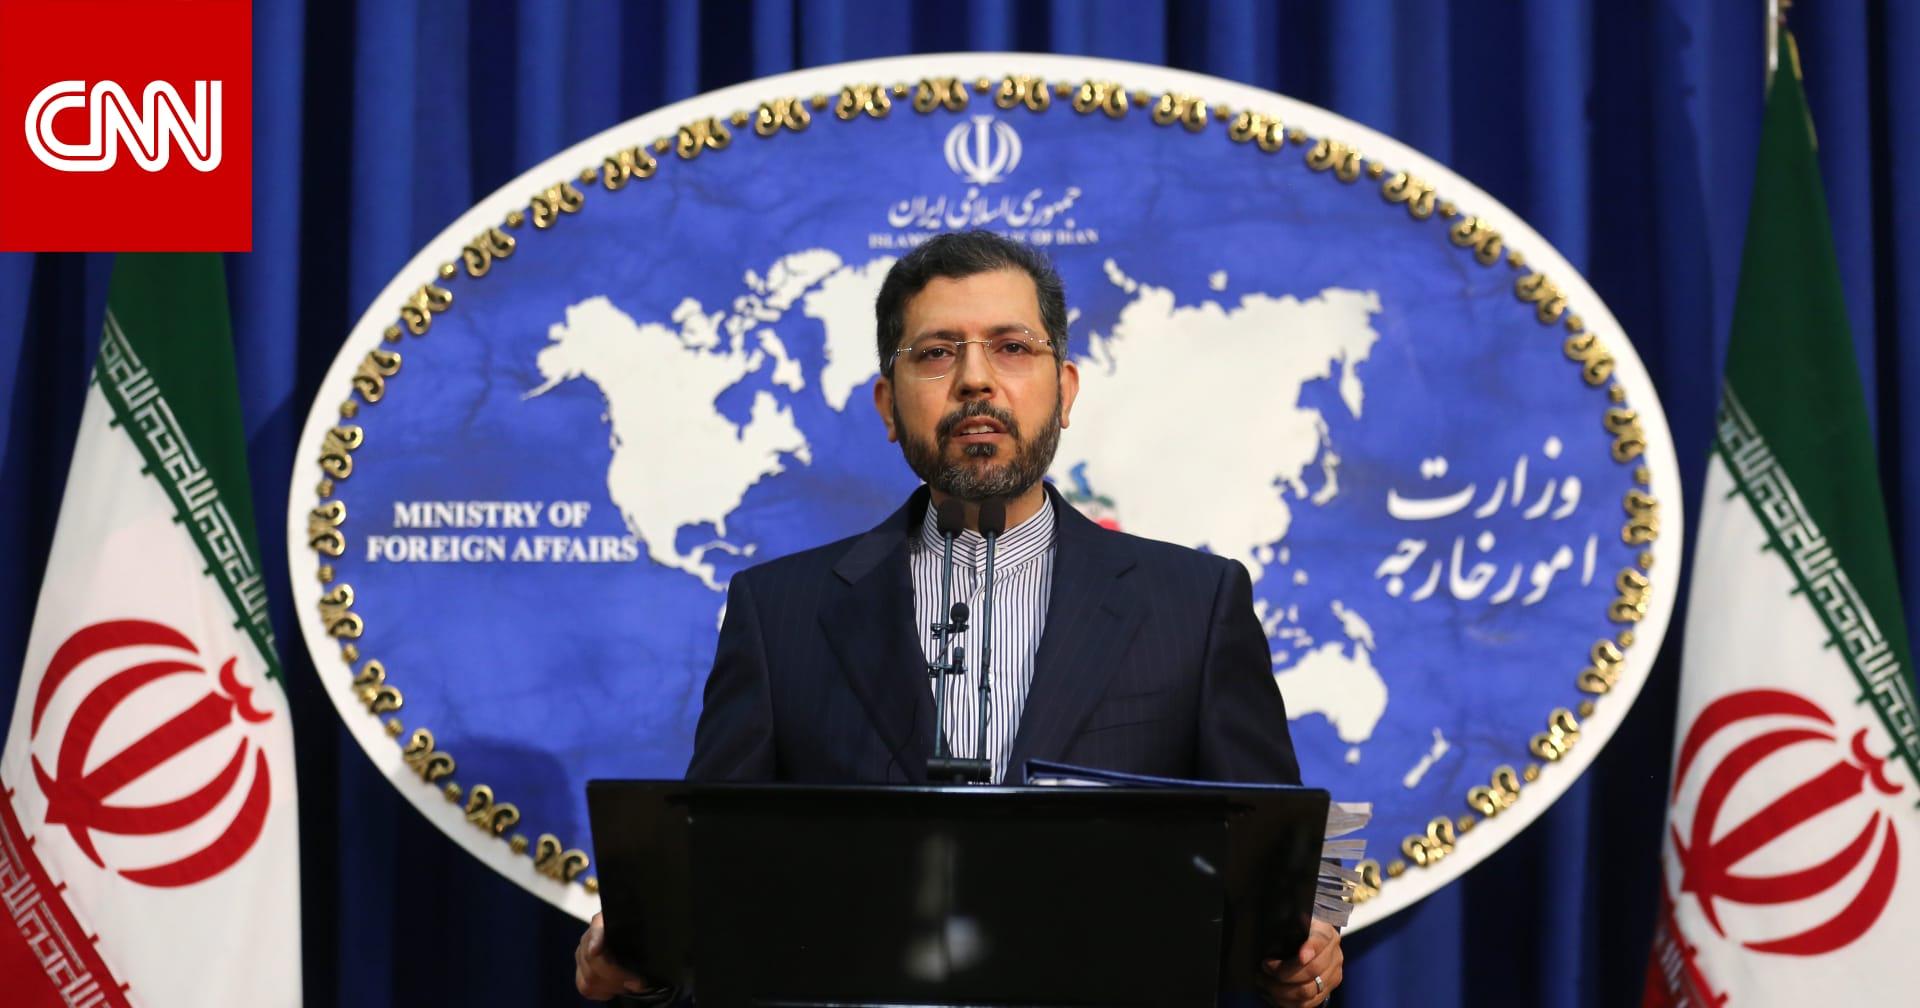 خارجية إيران: مستعدون لتطبيق اتفاق تبادل السجناء مع أمريكا وبريطانيا